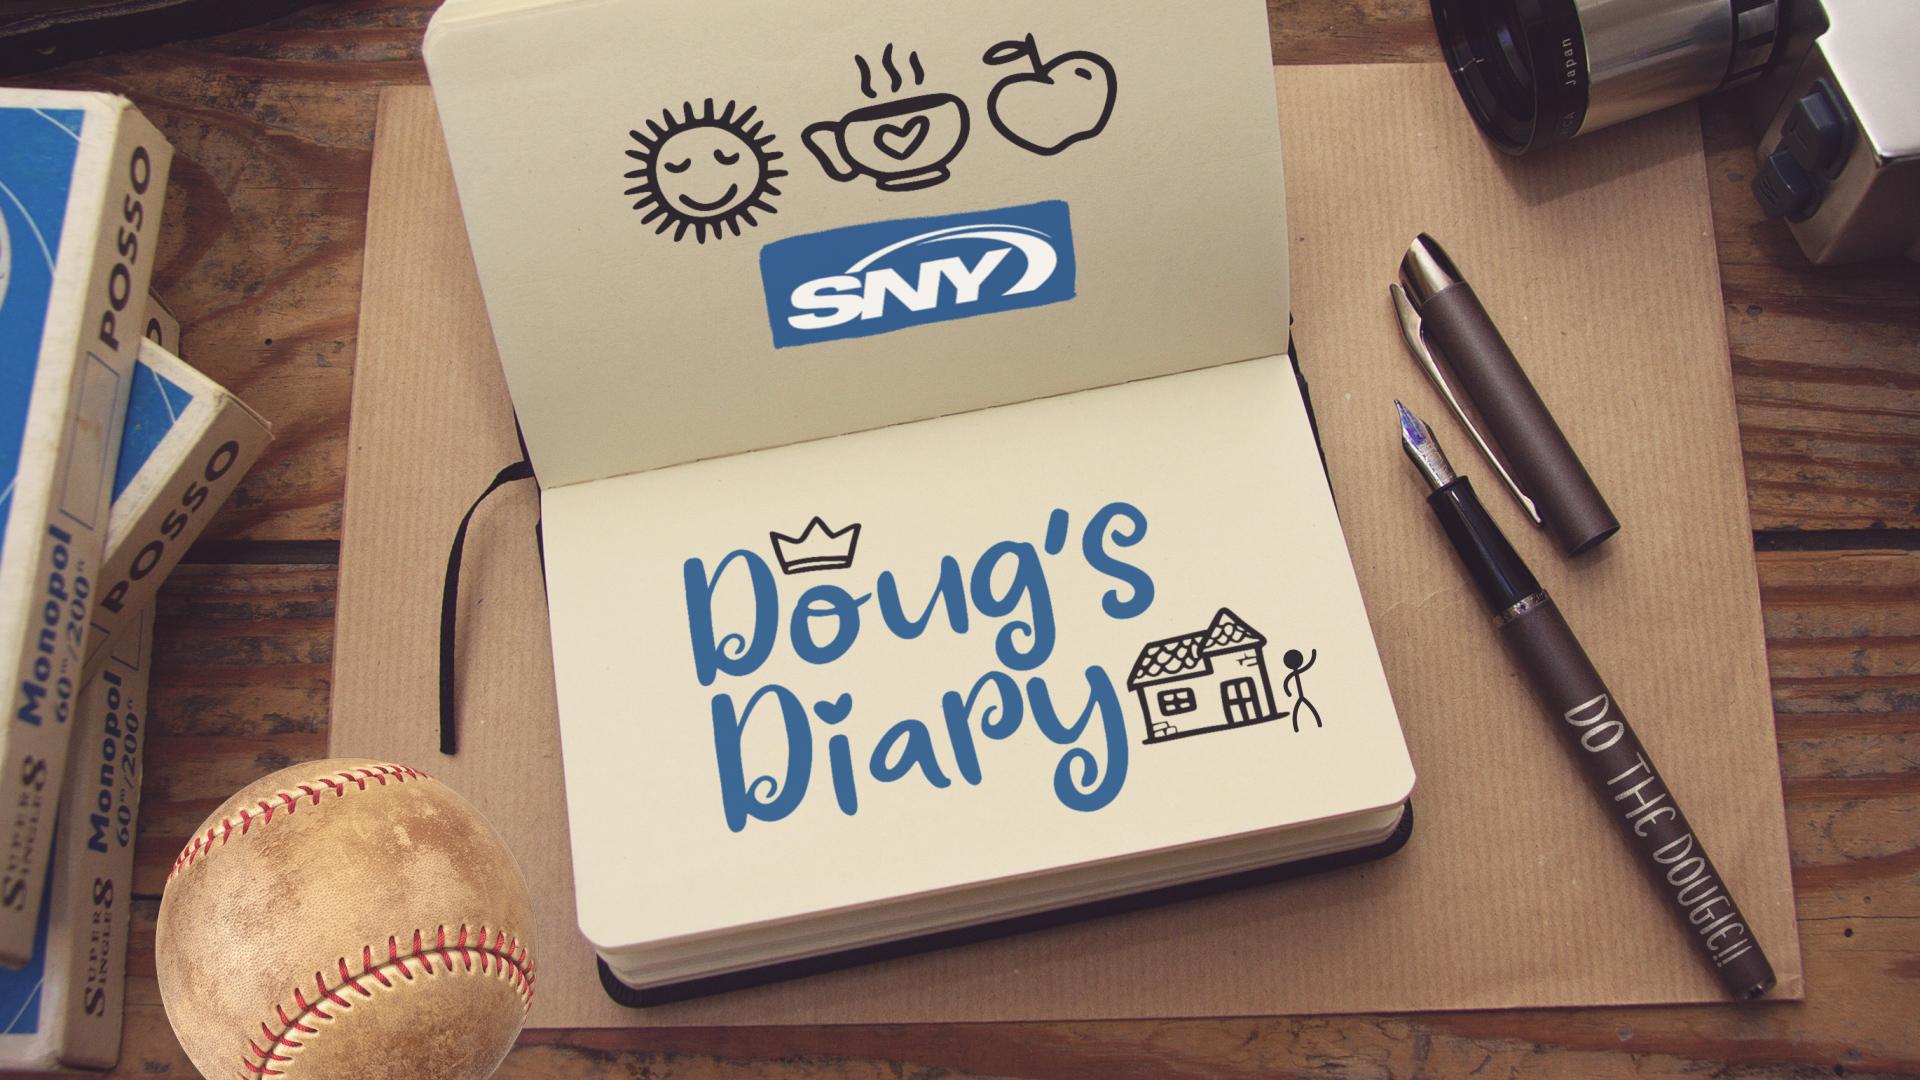 Doug's Diary